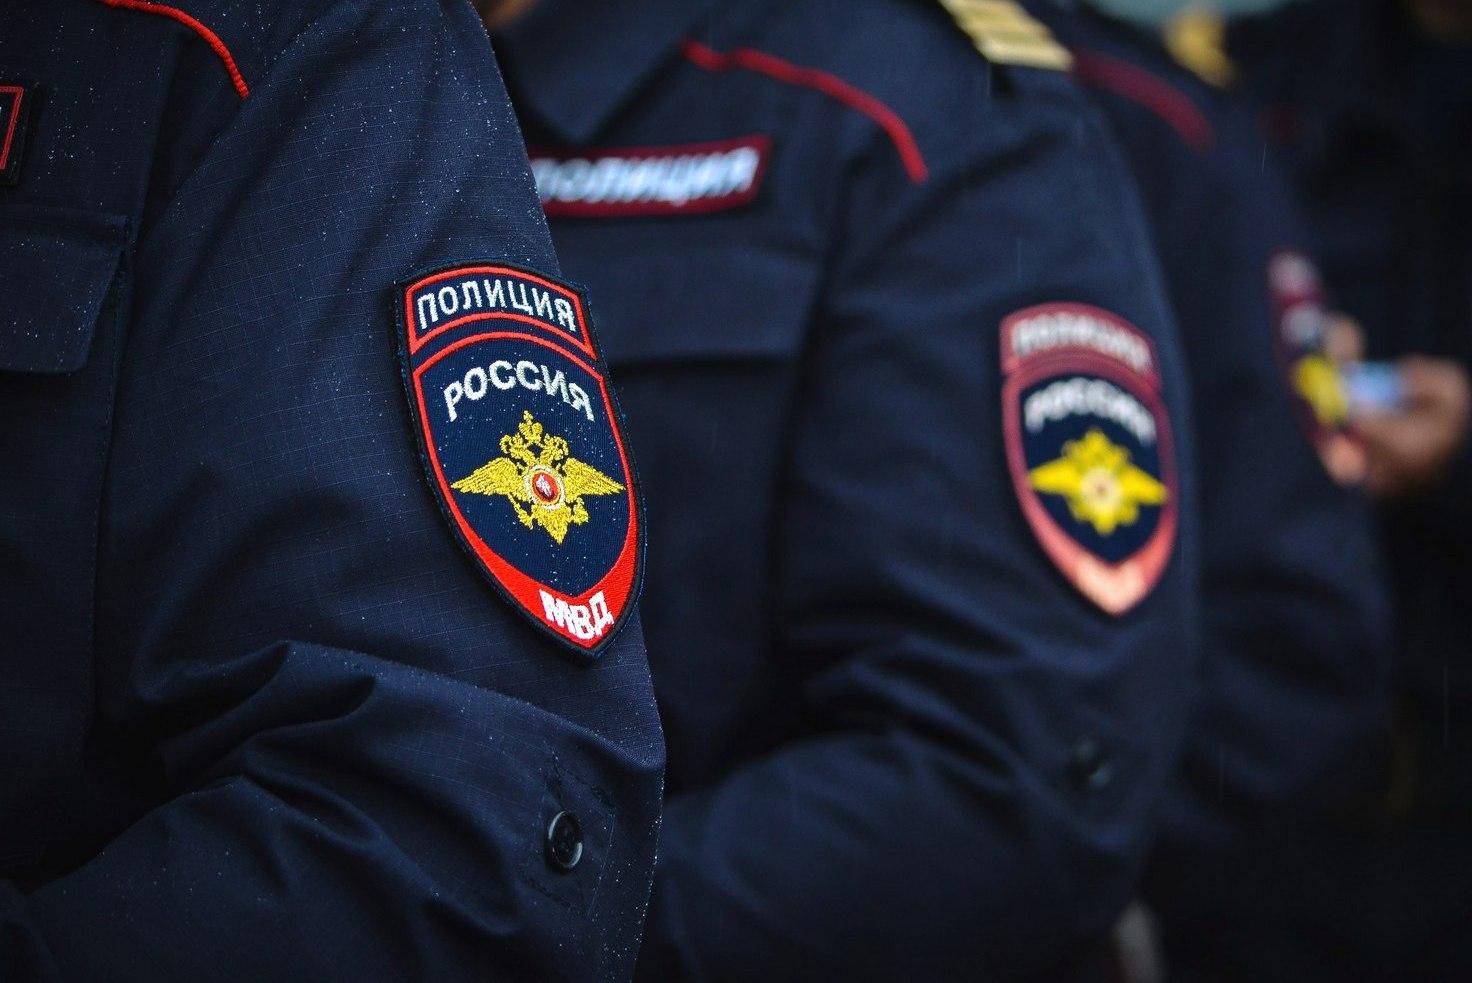 В Симферополе пьяный работник СТО угнал машину клиента